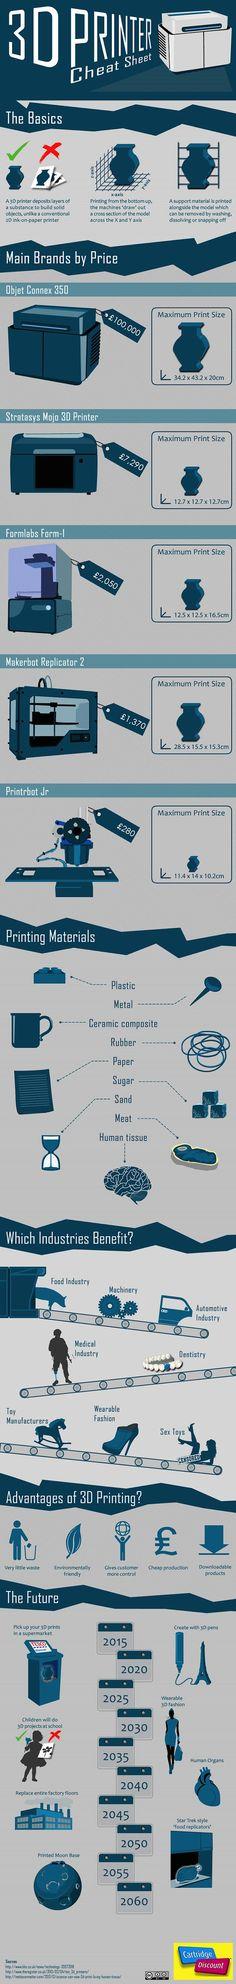 Infográfico sobre tecnologia de Impressão 3D